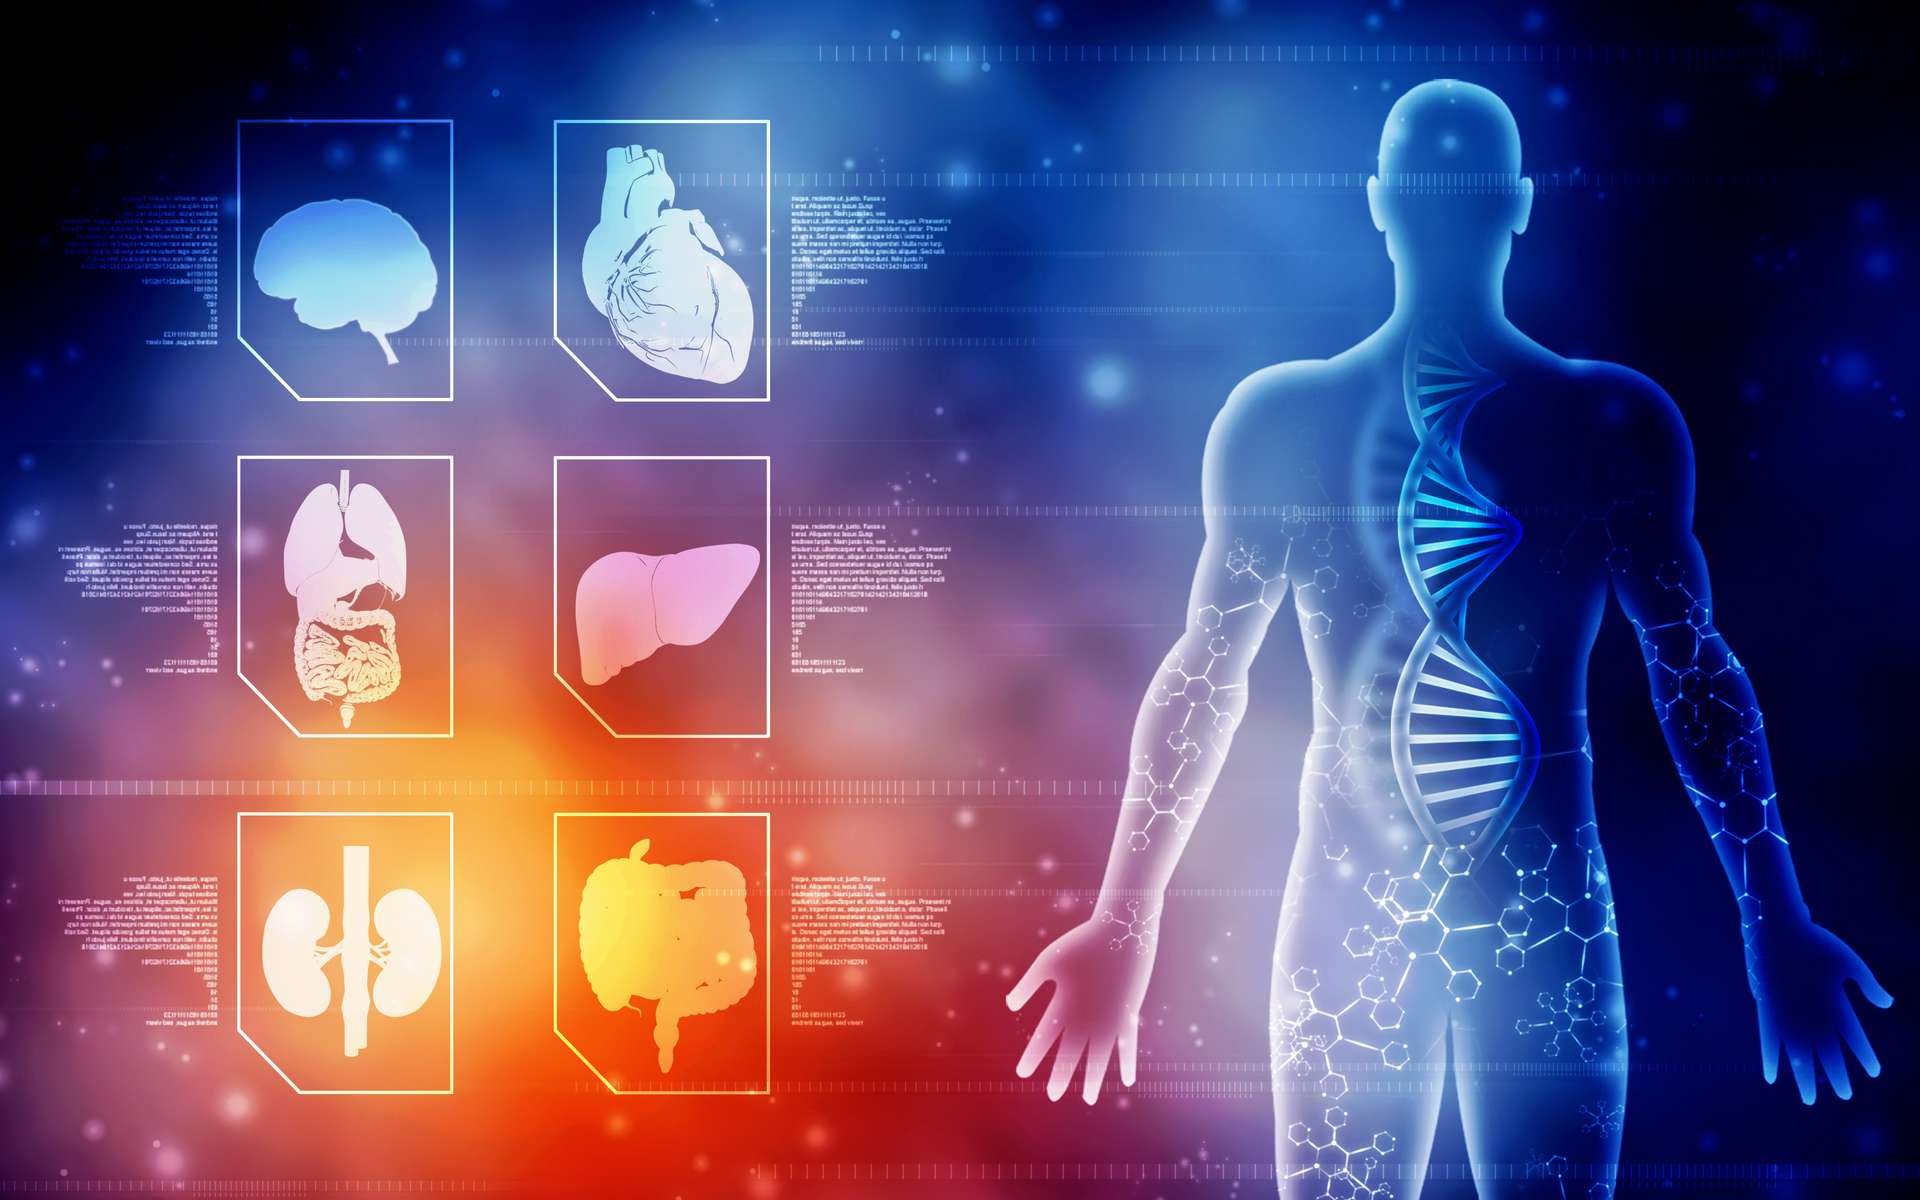 Des tissus d'organes humains ont pu être recréés artificiellement. © jijomathai, Adobe Stock